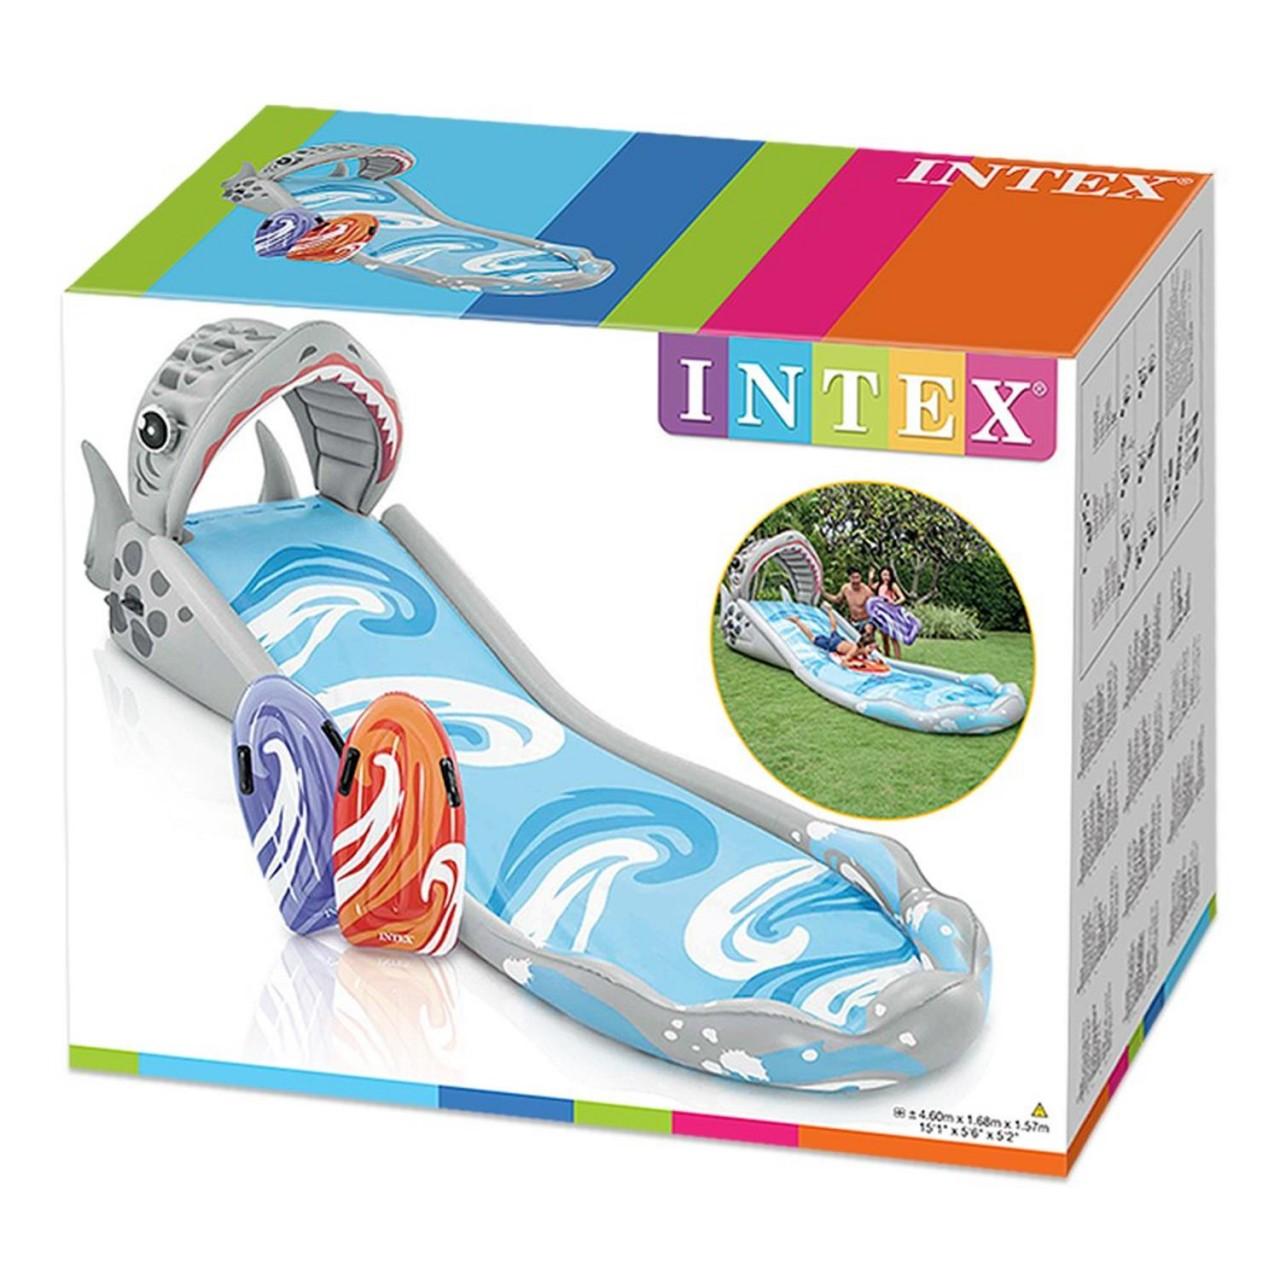 Intex Wasserrutsche Playcenter Surf'n Slide Schwimmbecken 2 Surf-Matratzen 57159